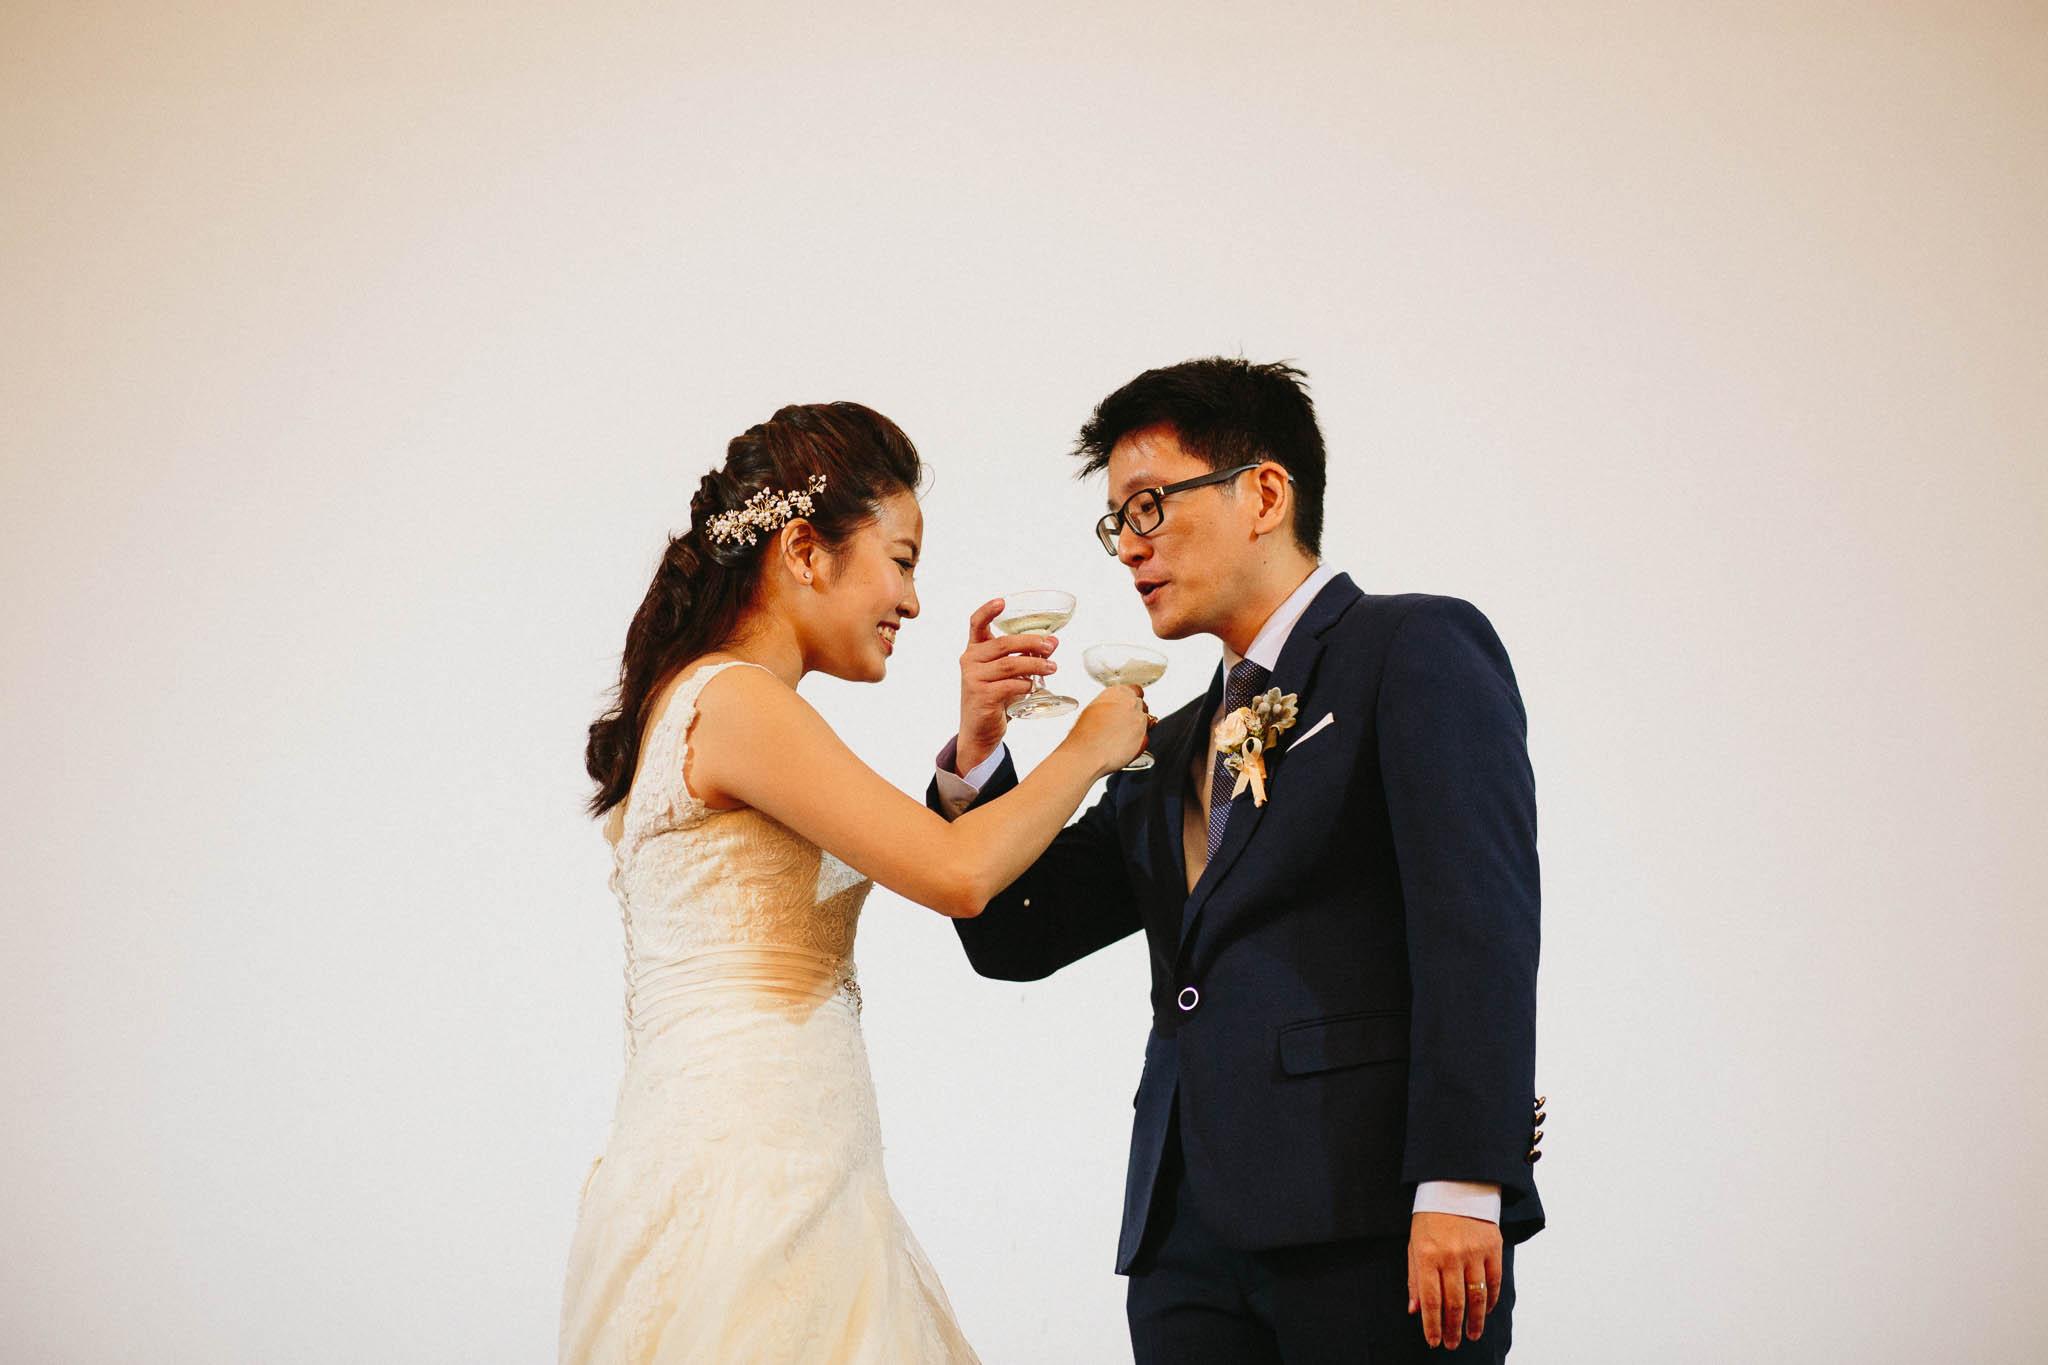 singapore-wedding-photographer-zhongwei-shihui-056.jpg